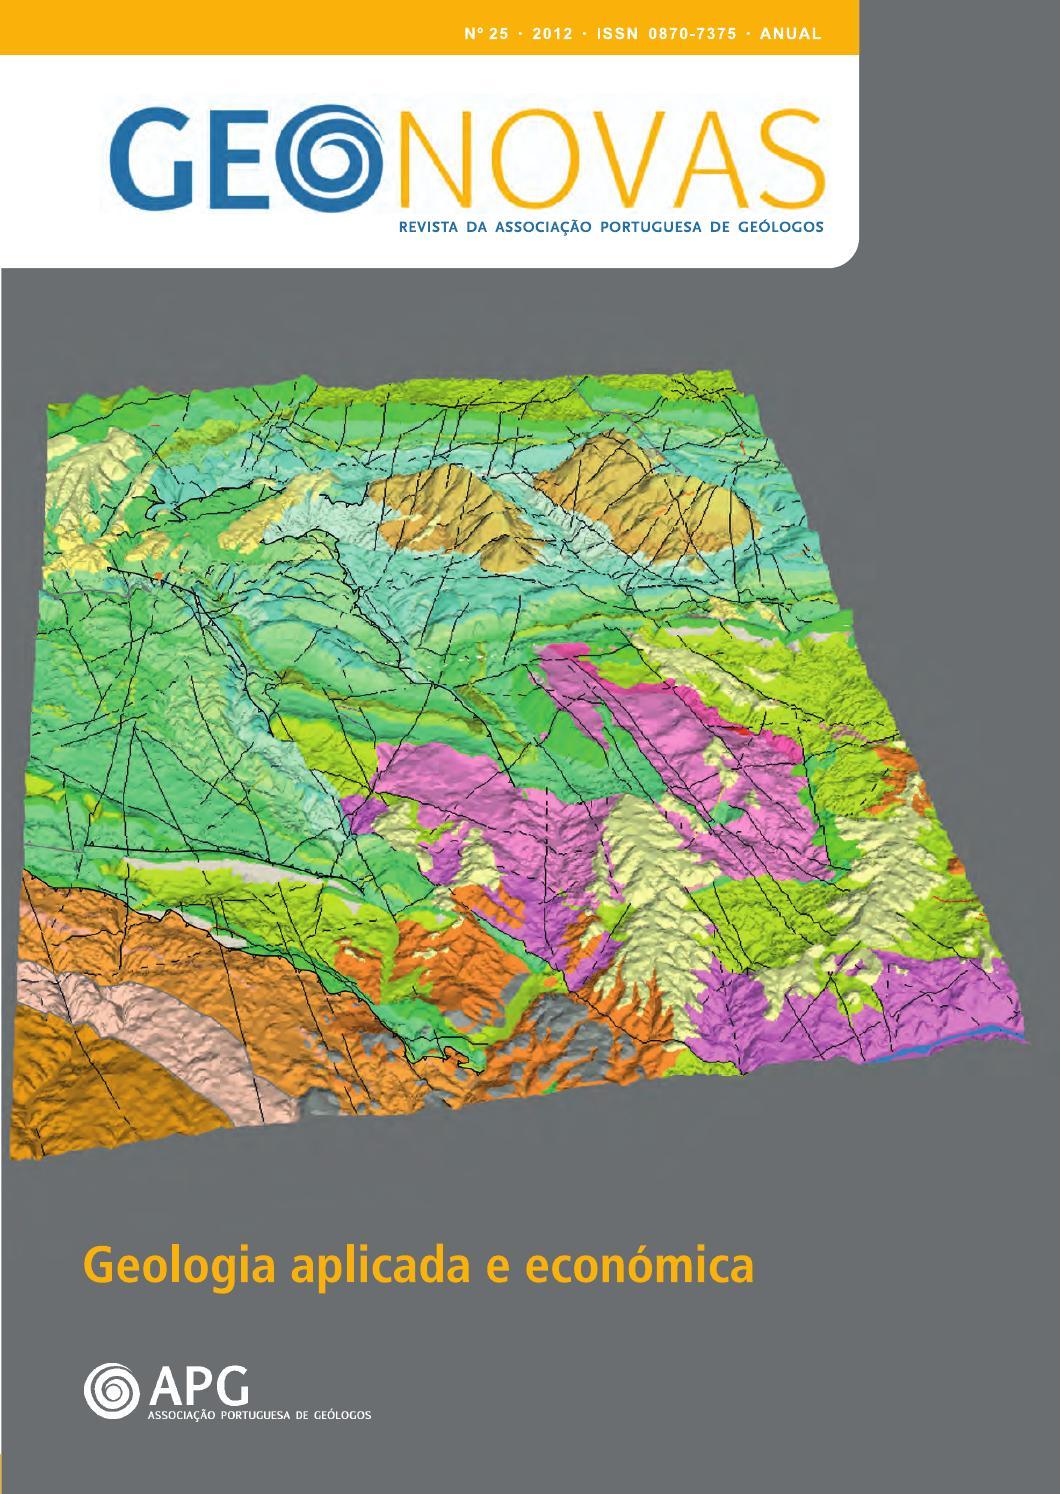 Campaigns >> ISSUU - Geonovas n.º 25 by Associação Portuguesa de Geólogos